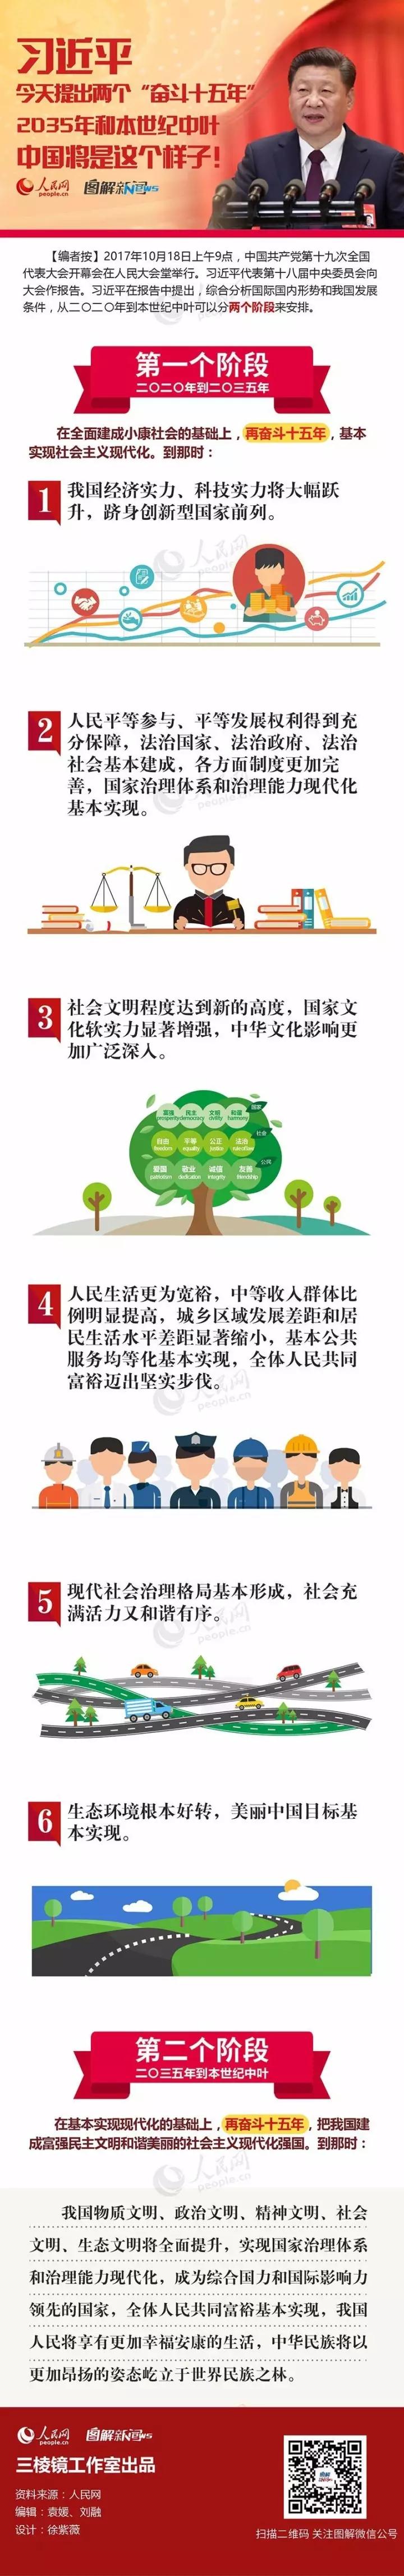 图解:习近平告诉你2035年和本世纪中叶的中国是什么样子!和你想的一样吗?